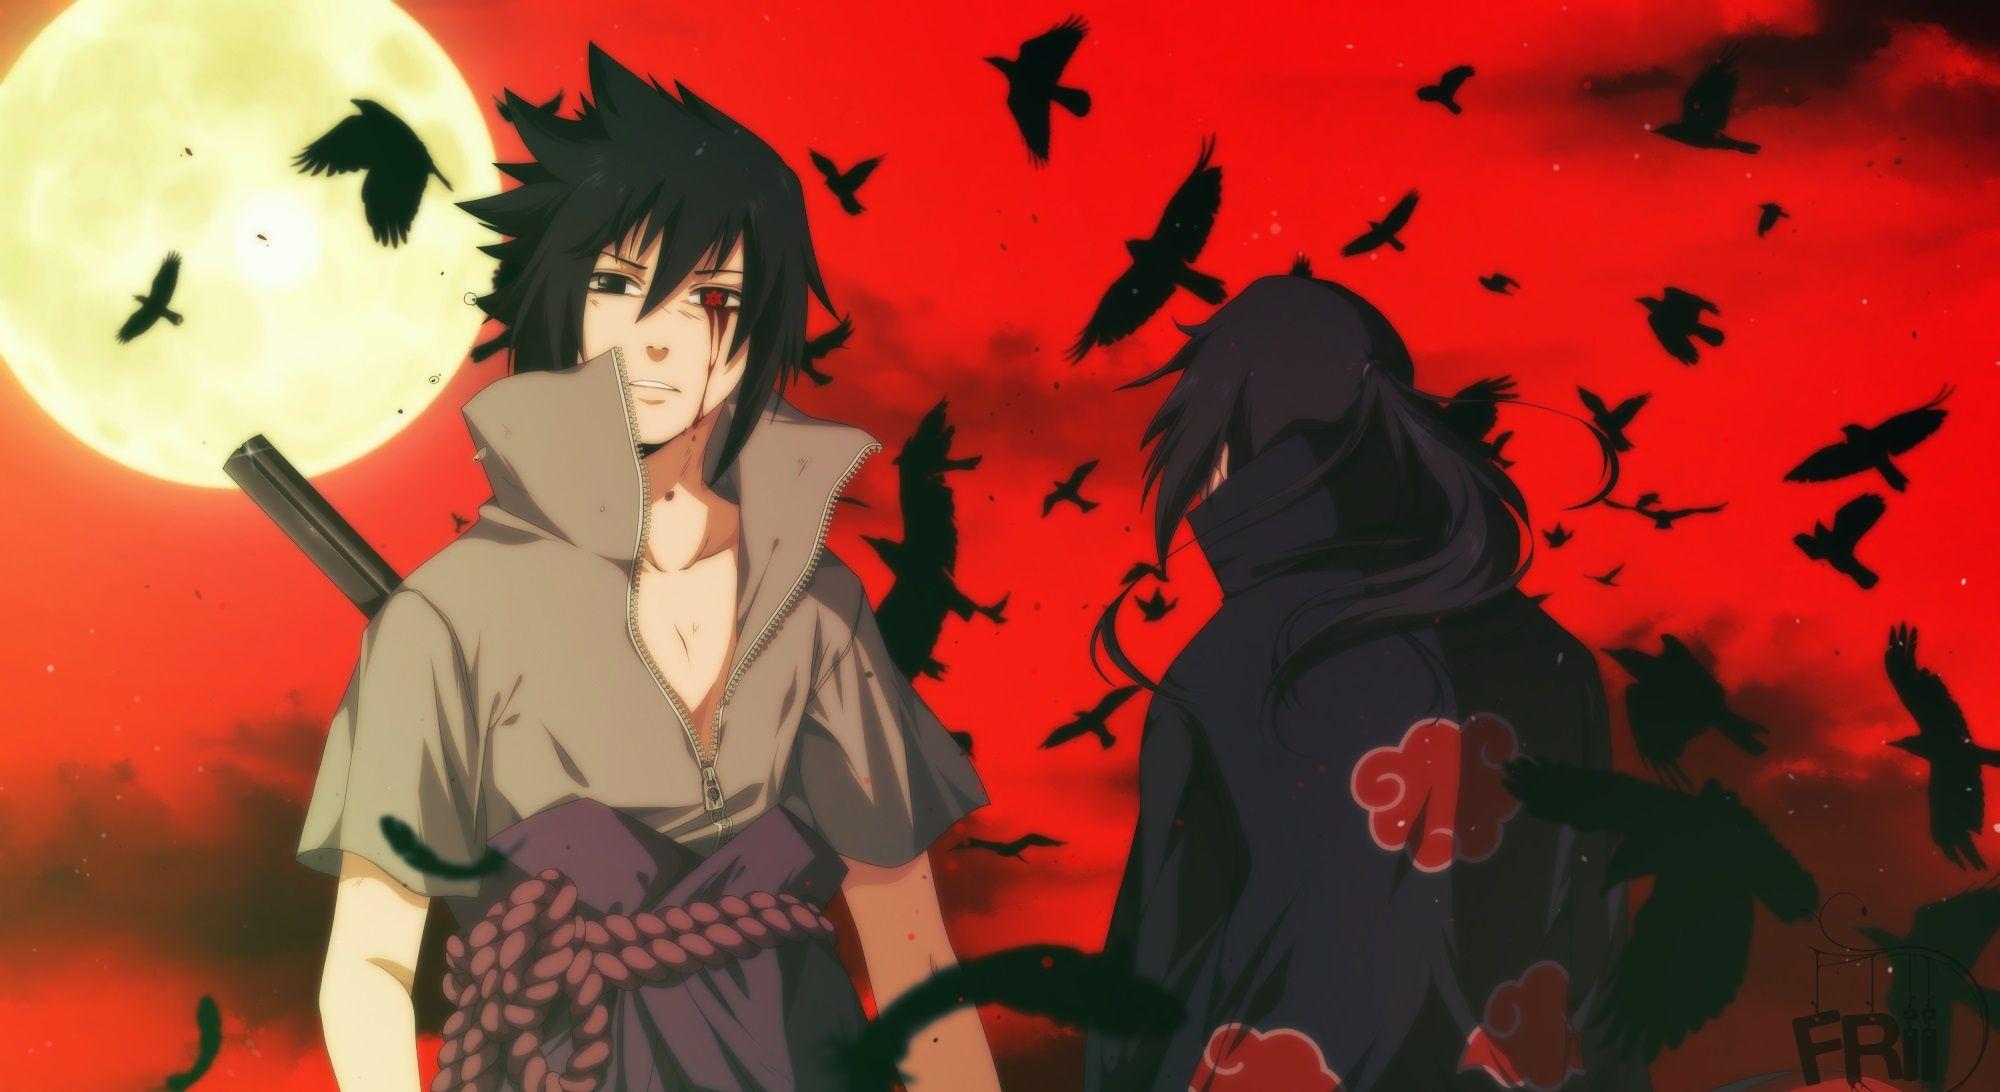 Anime Naruto Sasuke Uchiha Itachi Uchiha Hd Wallpaper Background Image Wallpaper Cart In 2020 Itachi Uchiha Uchiha Anime Naruto